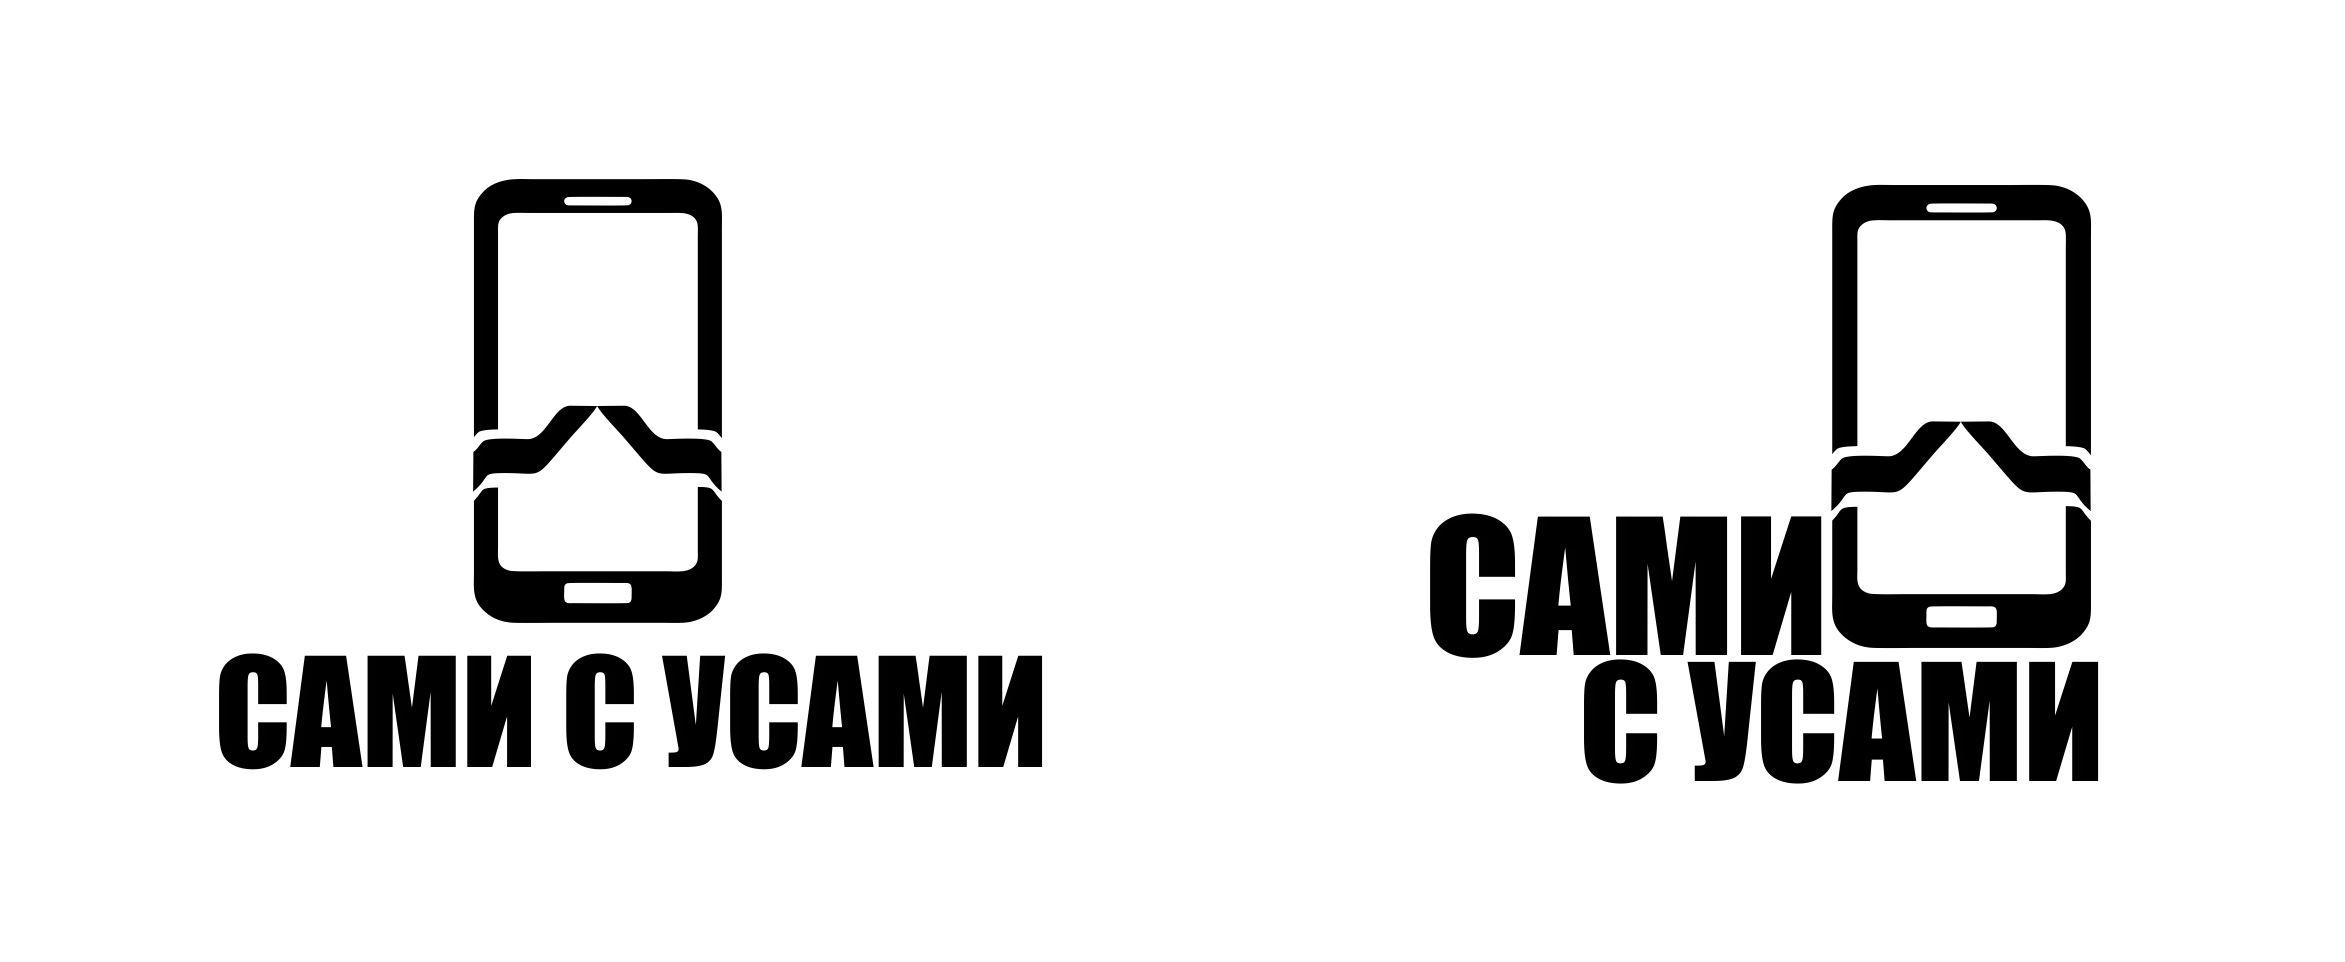 Разработка Логотипа 6 000 руб. фото f_40858f917307e26d.jpg